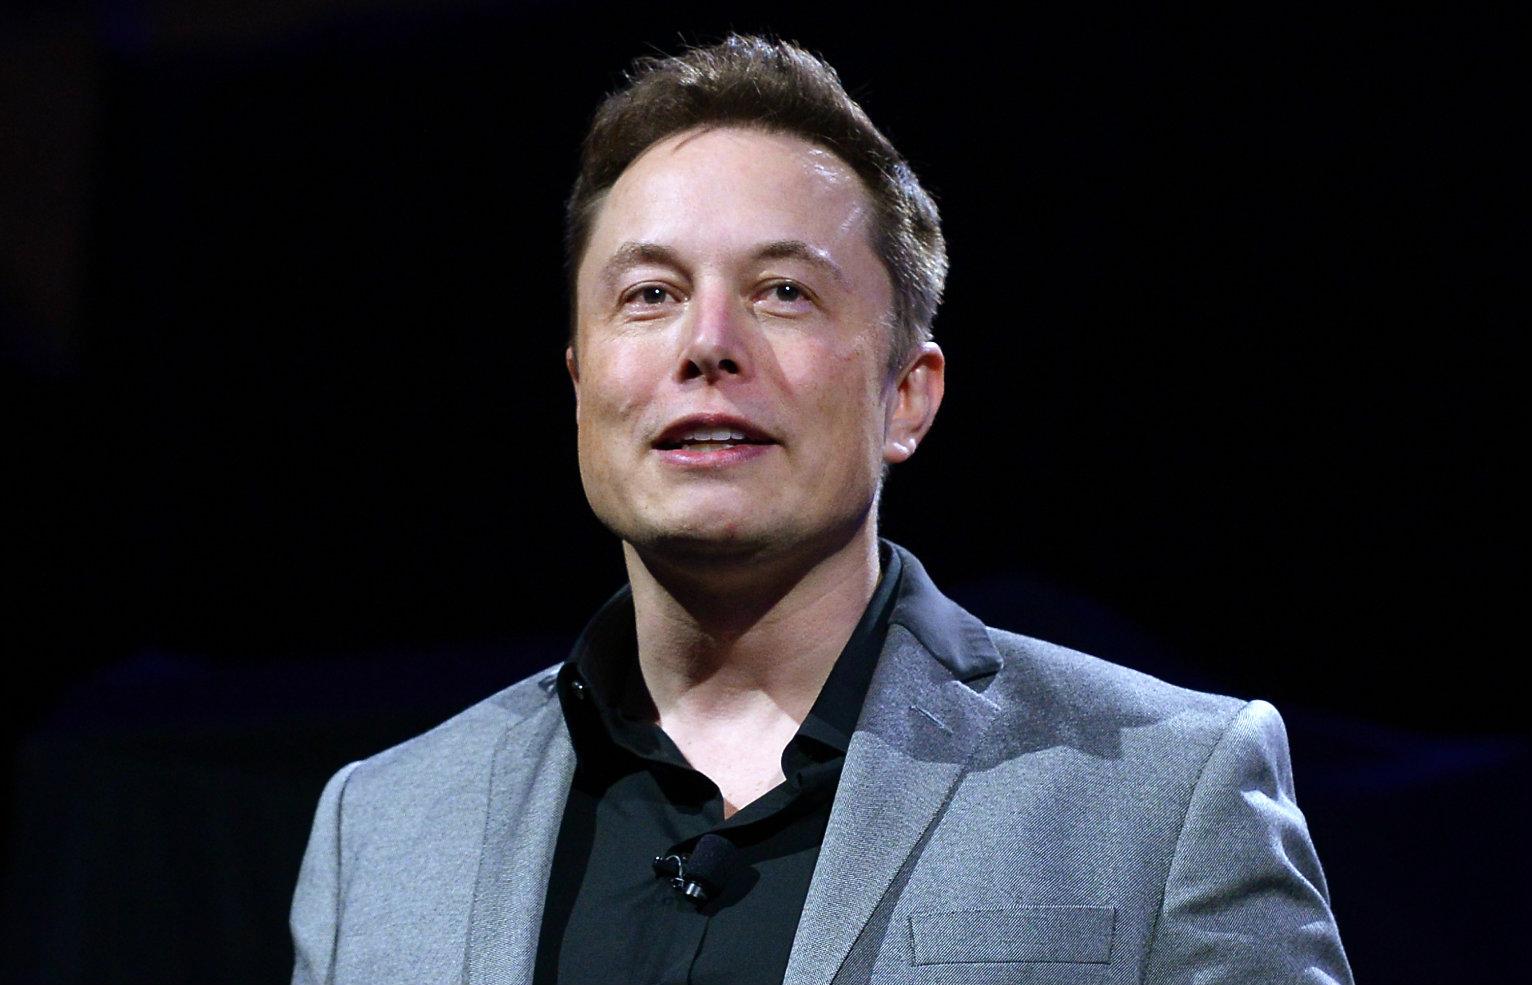 'Hạn' của Elon Musk: Một năm Tesla ba lần chứng kiến vốn hóa 'bốc hơi' một phần ba giá trị